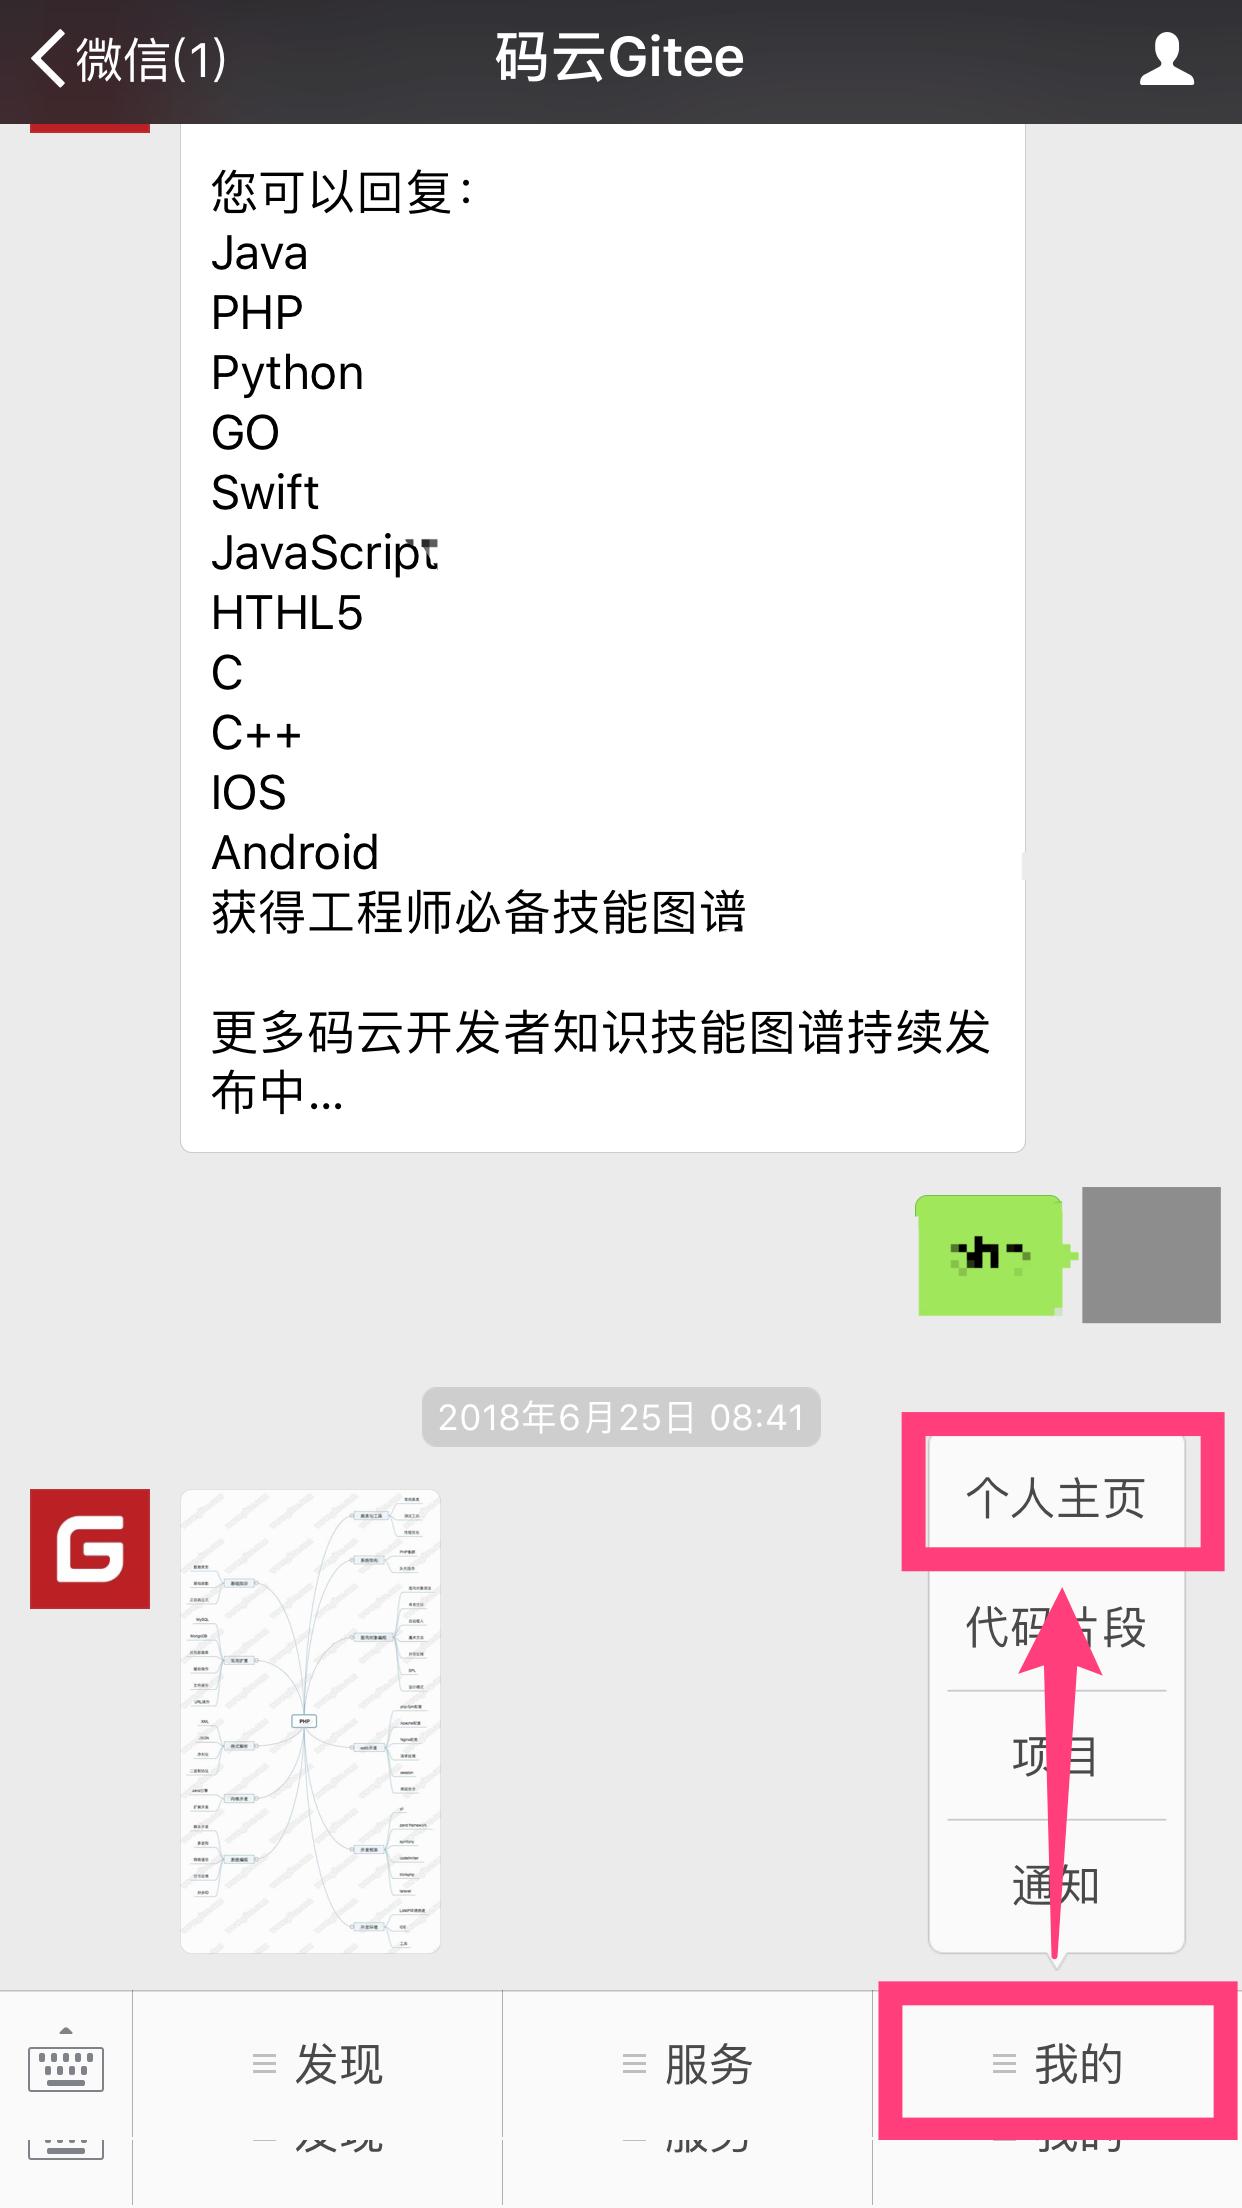 码云 Gitee 微信服务号